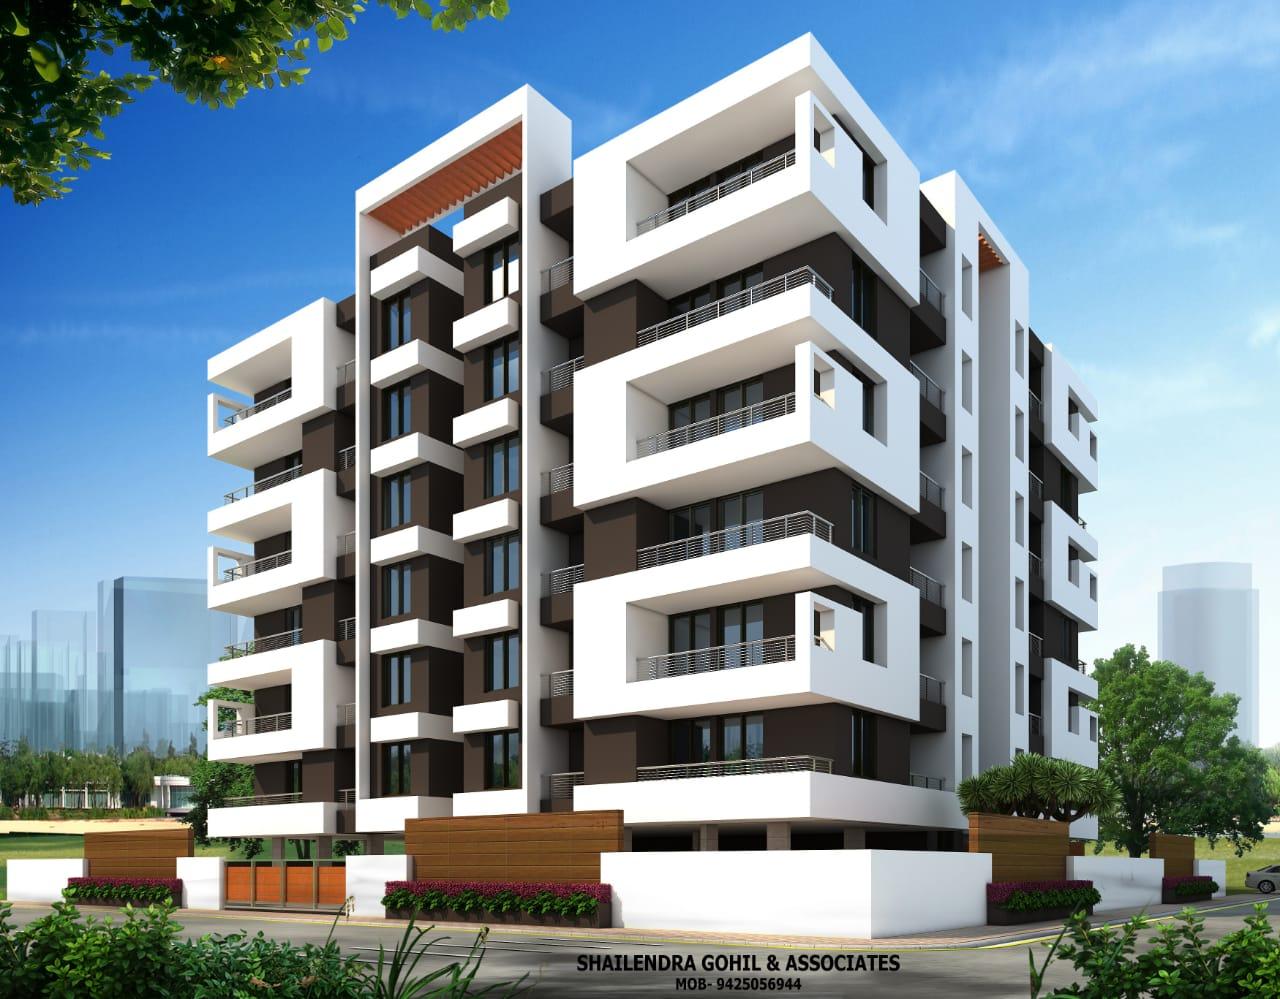 Flat in Indore – Premium 2 BHK